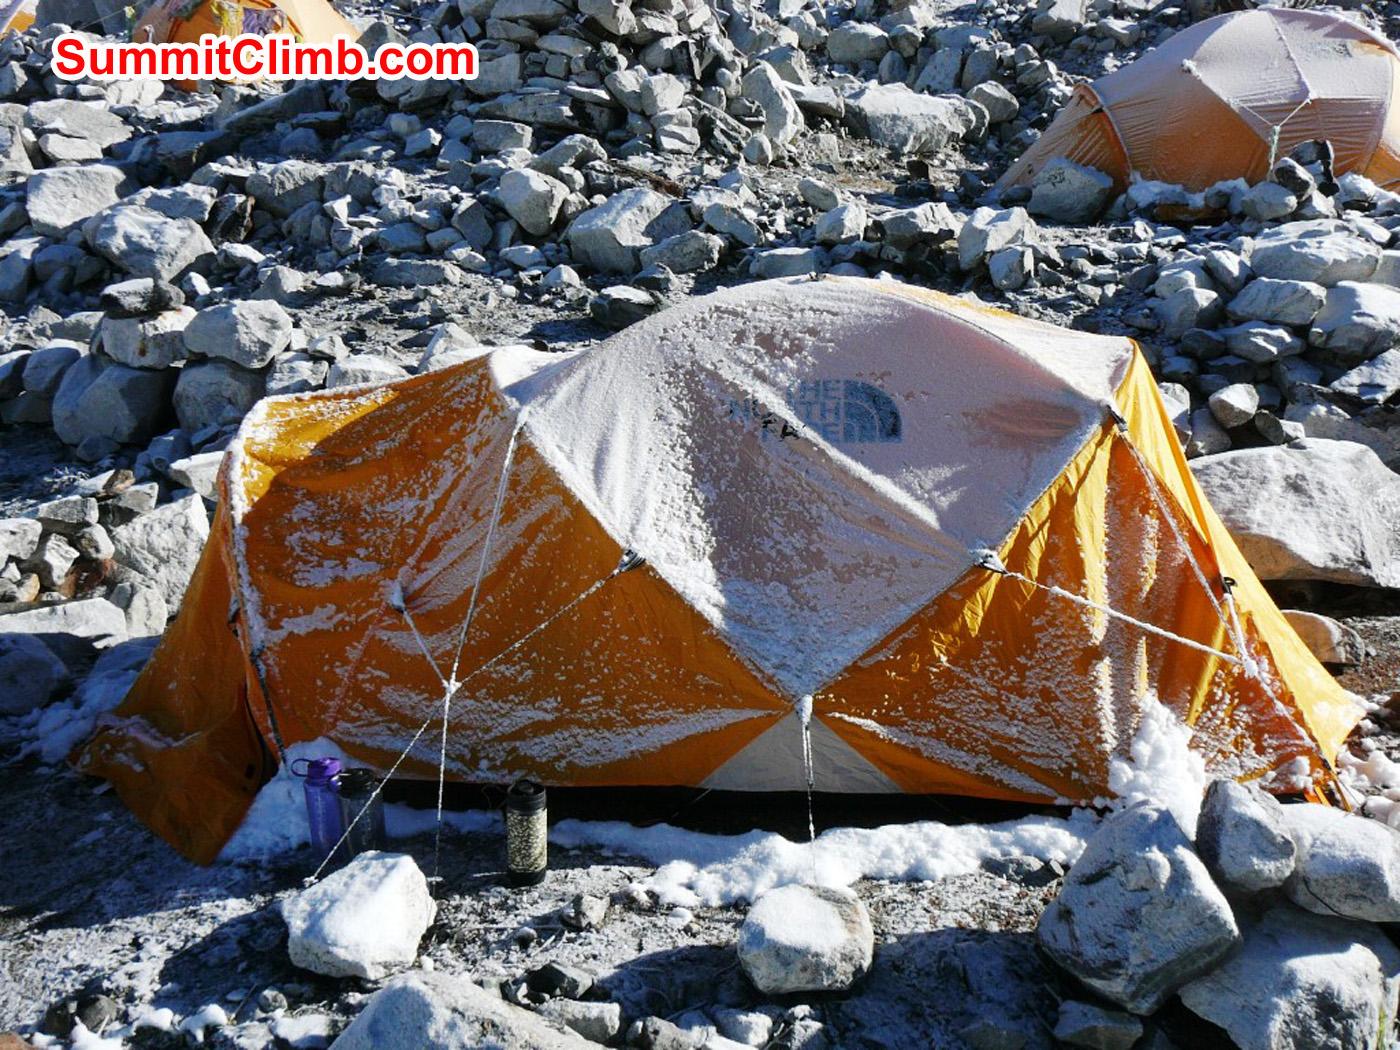 morgentliche Stimmung Zelt. Foto by Muendl